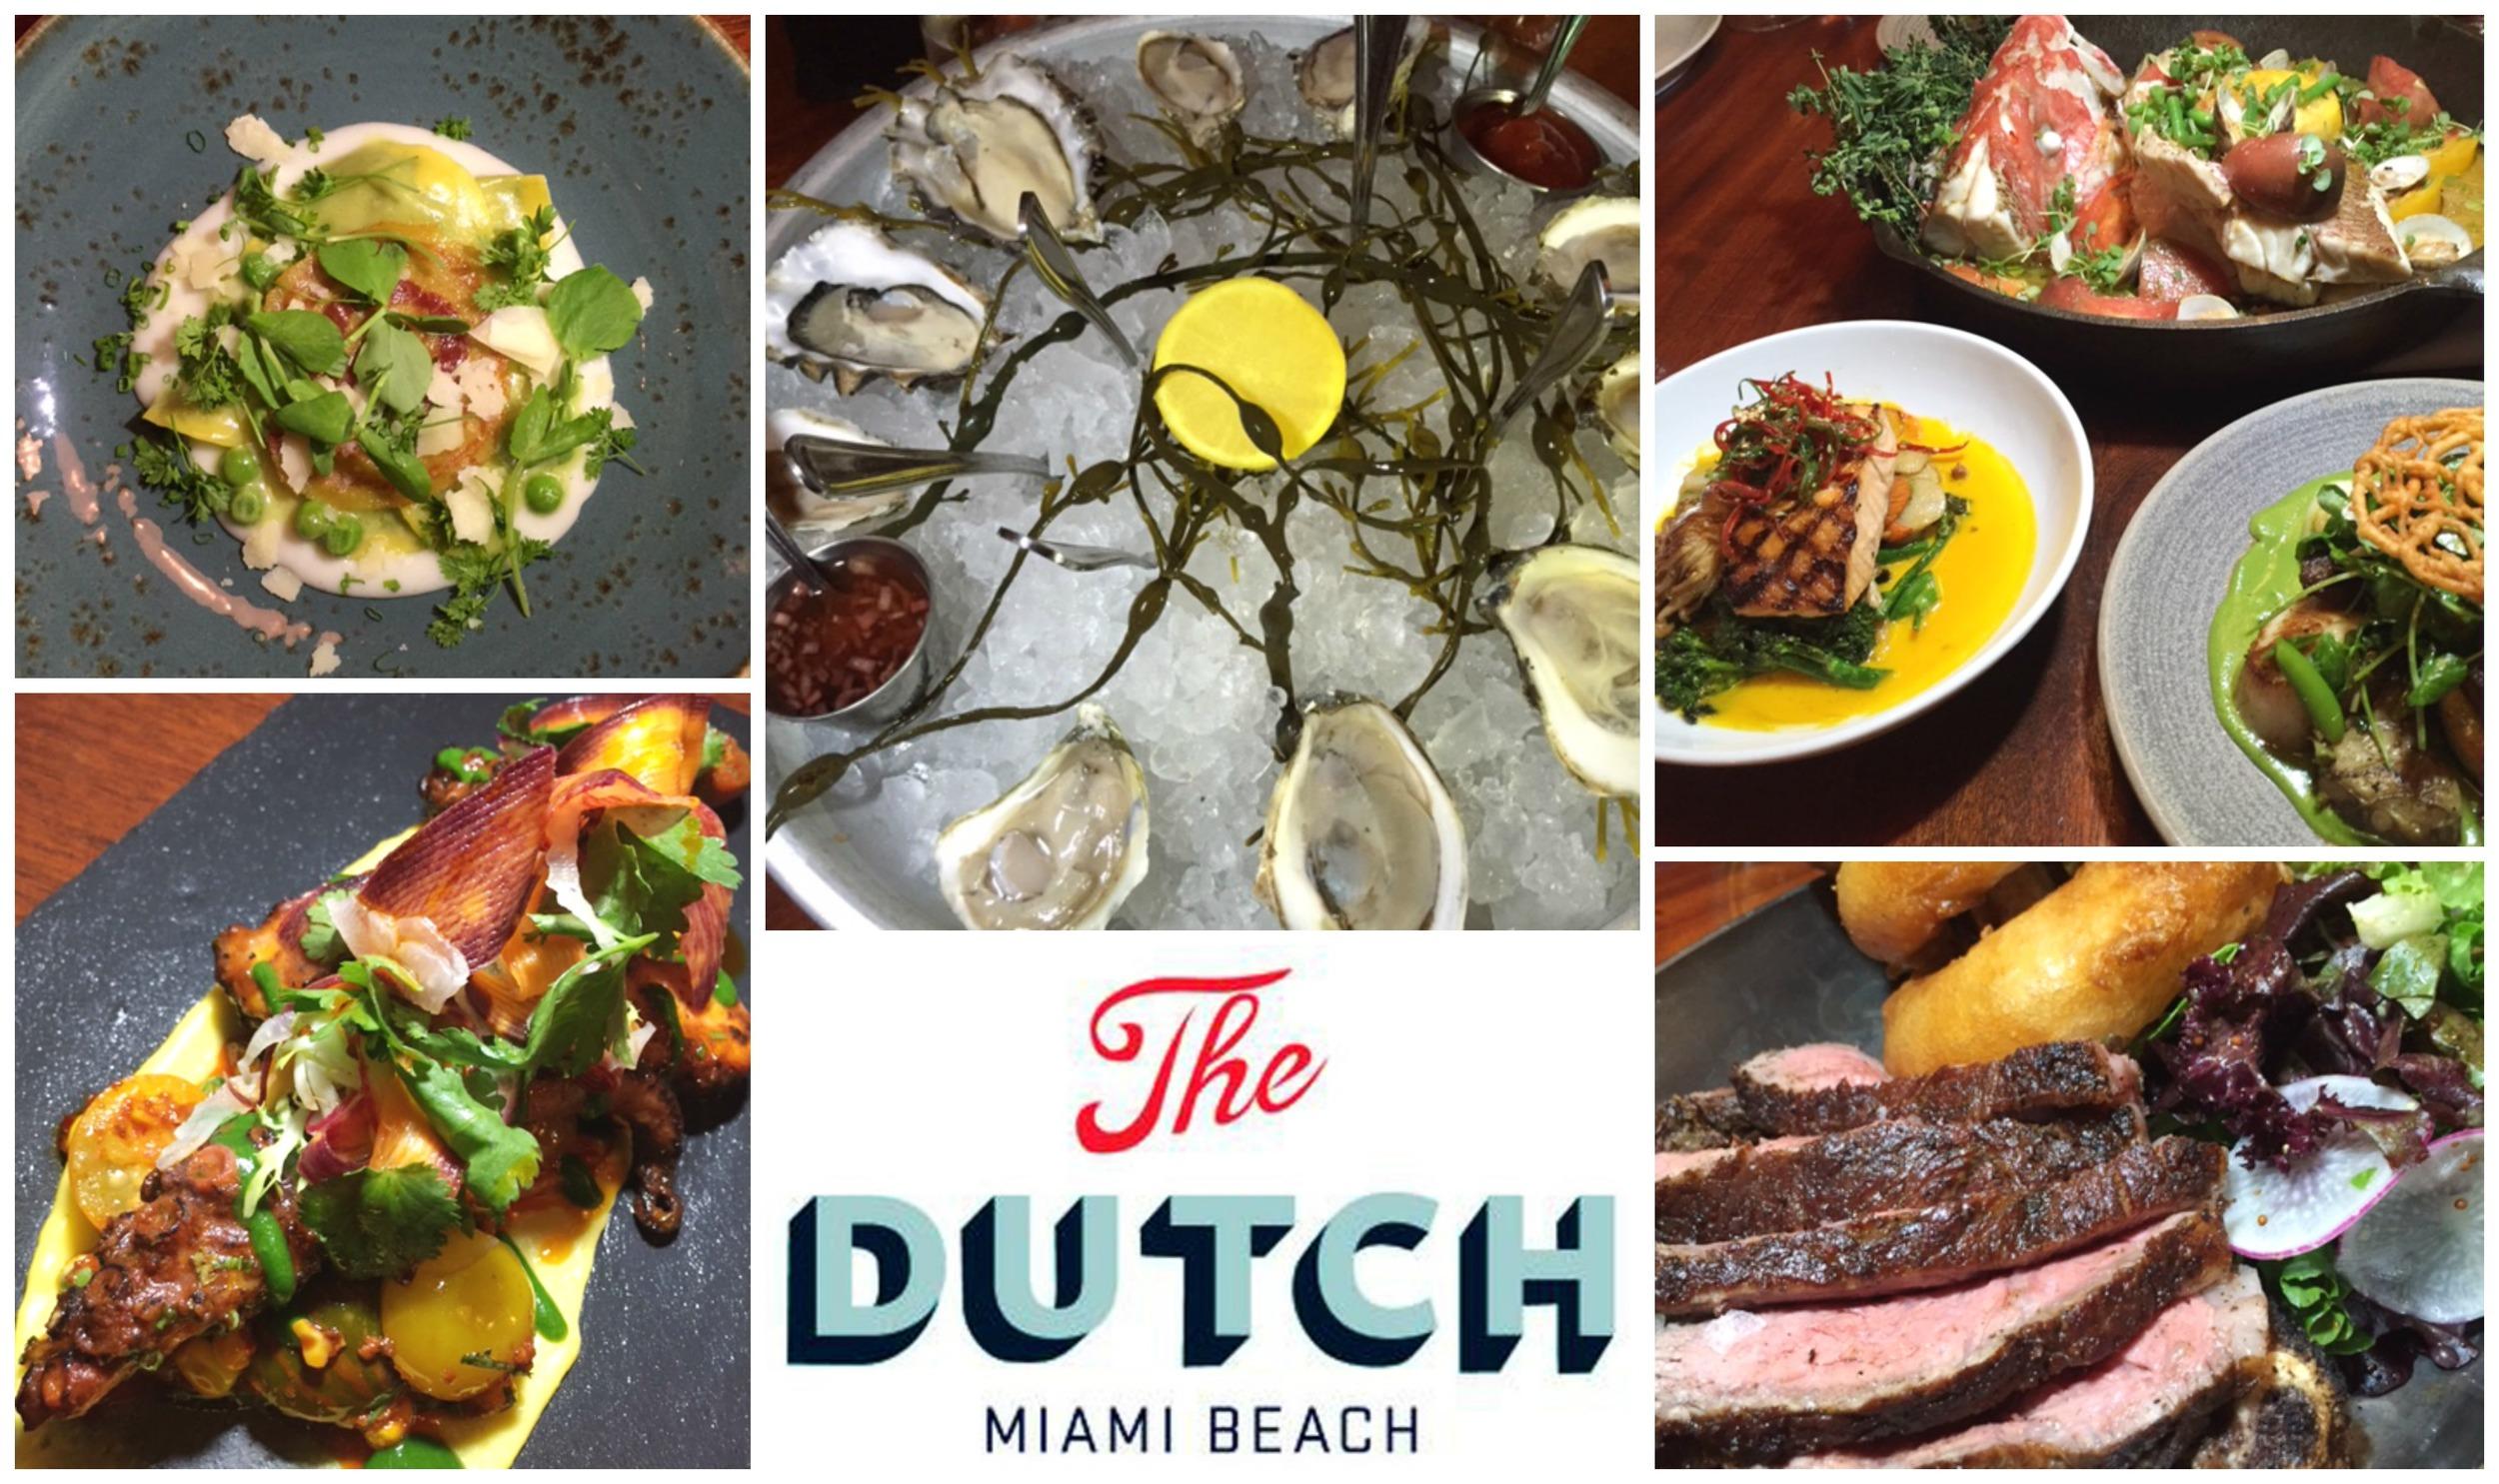 The Dutch Miami Beach Summer 2016 review